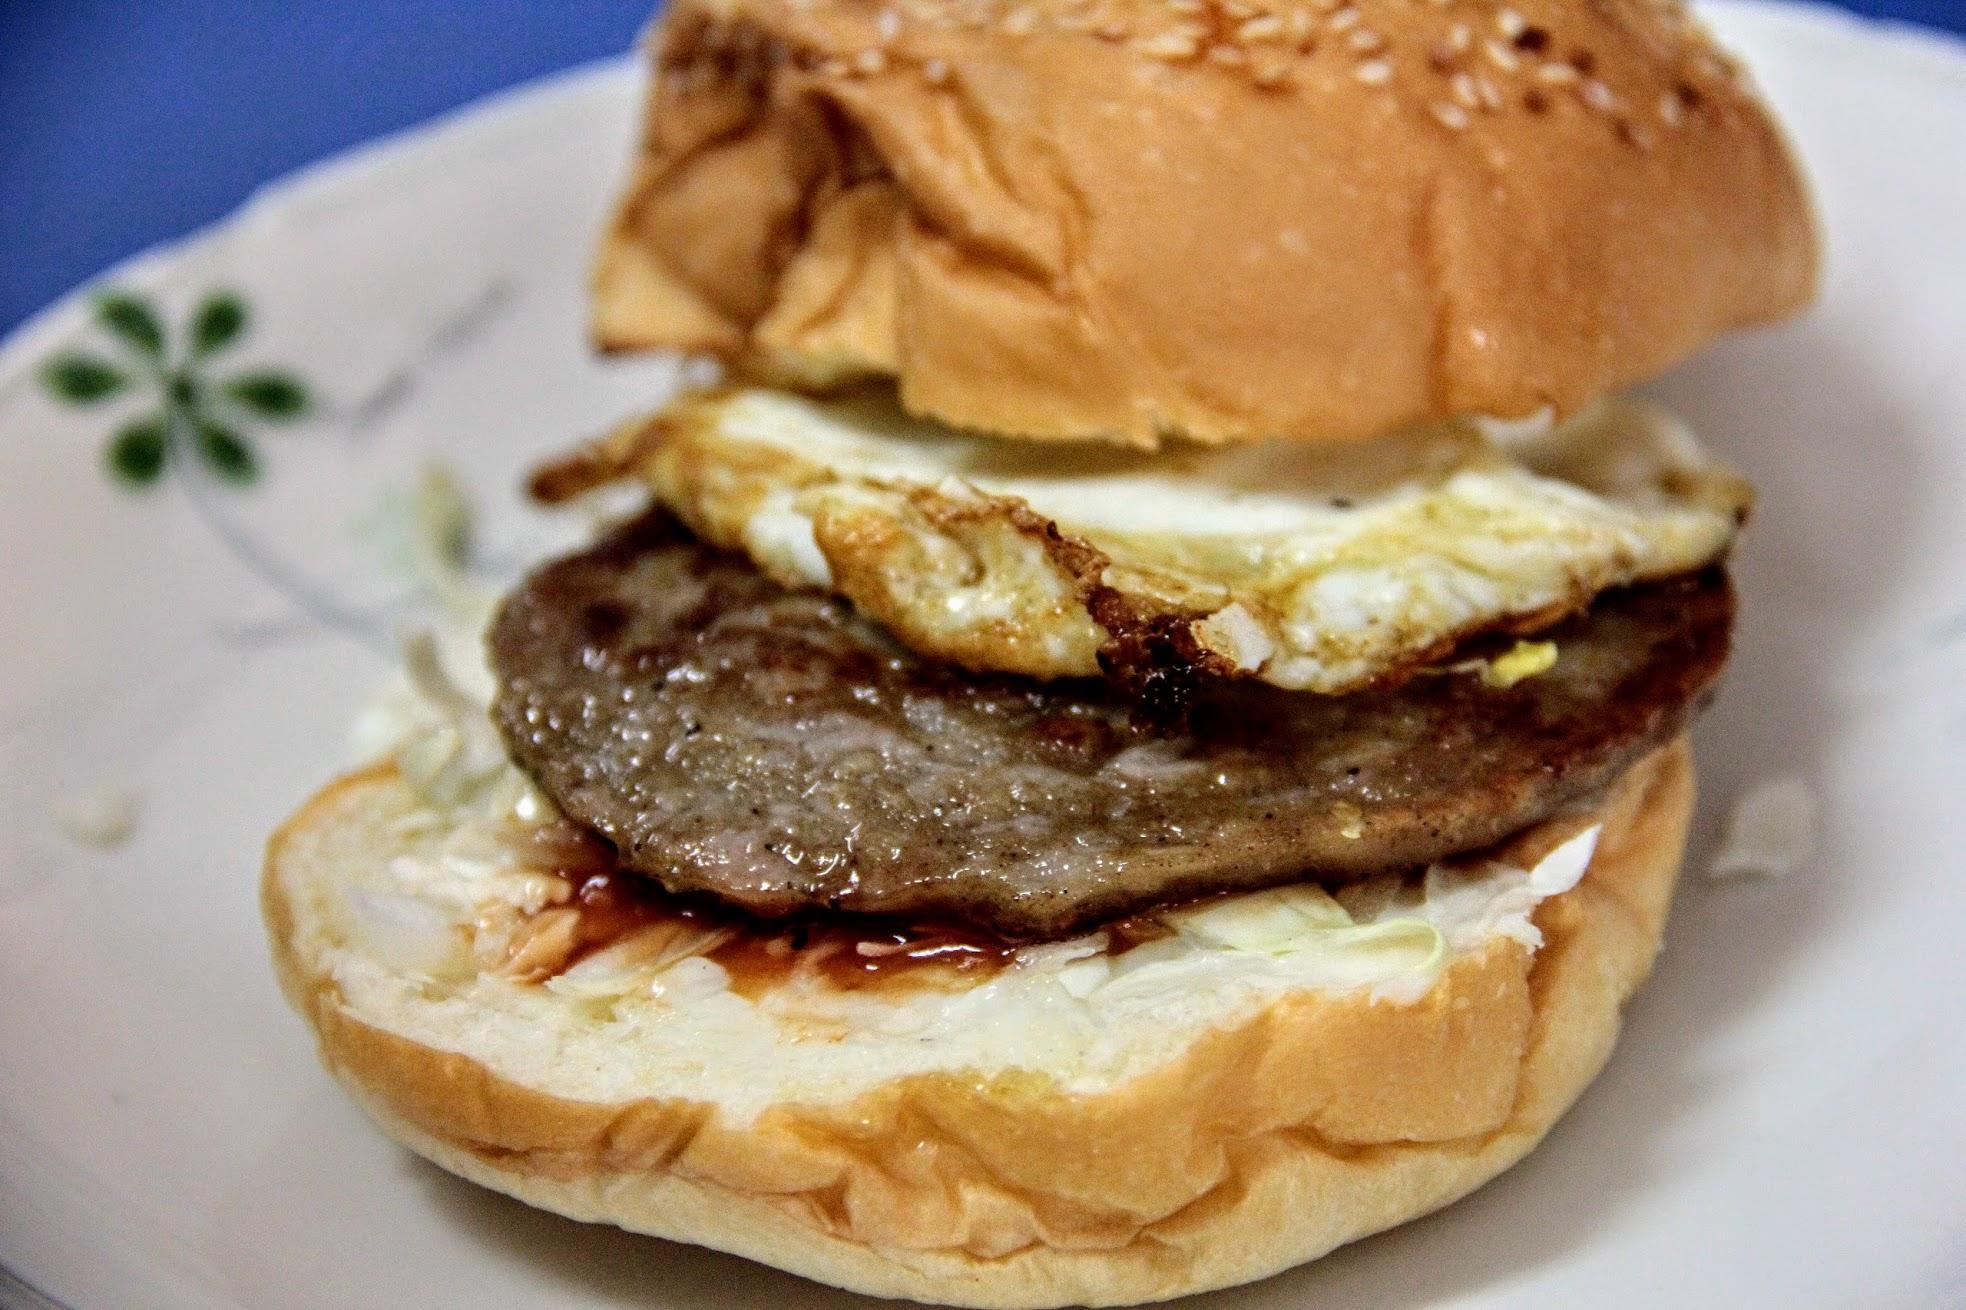 很古早味口感的漢堡,底下有塗上奶油和番茄醬